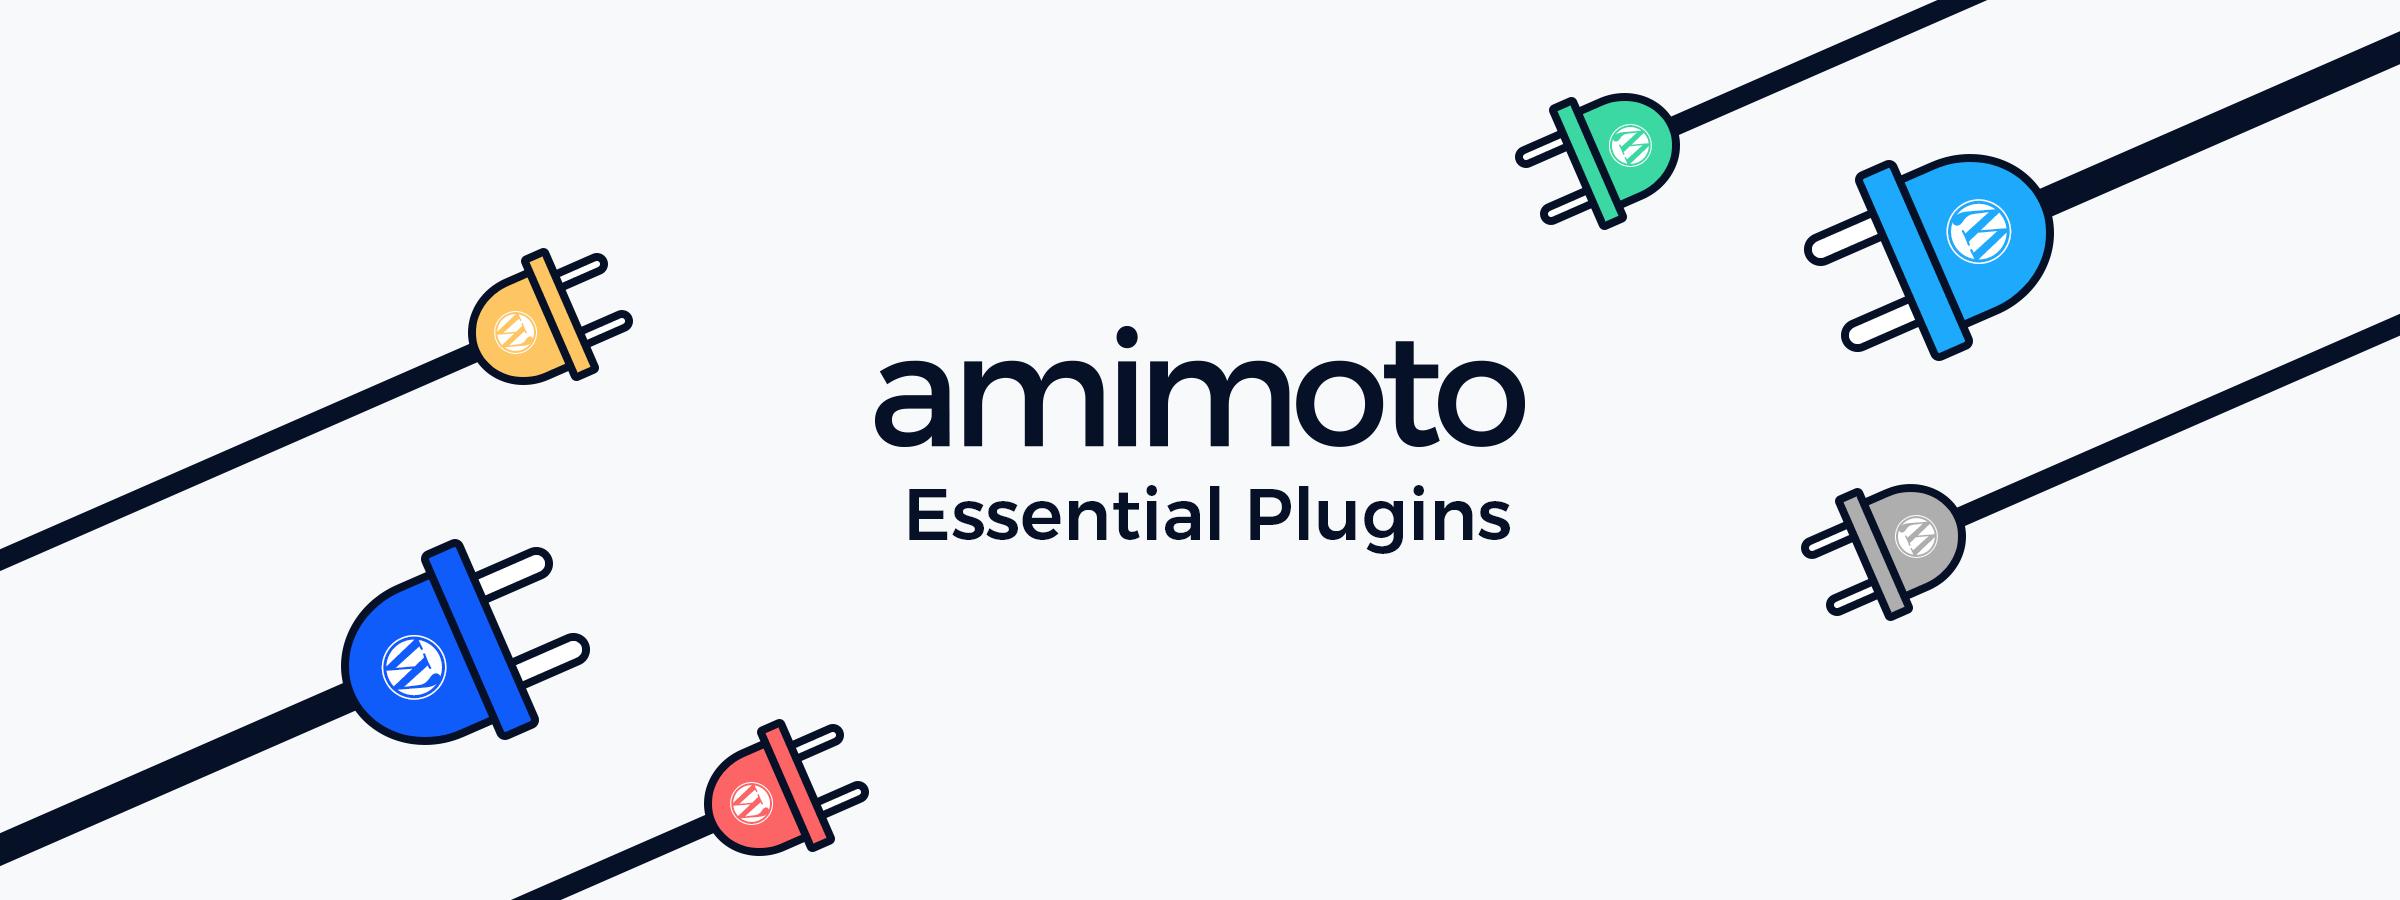 AMIMOTO Essential Plugins - DigitalCube